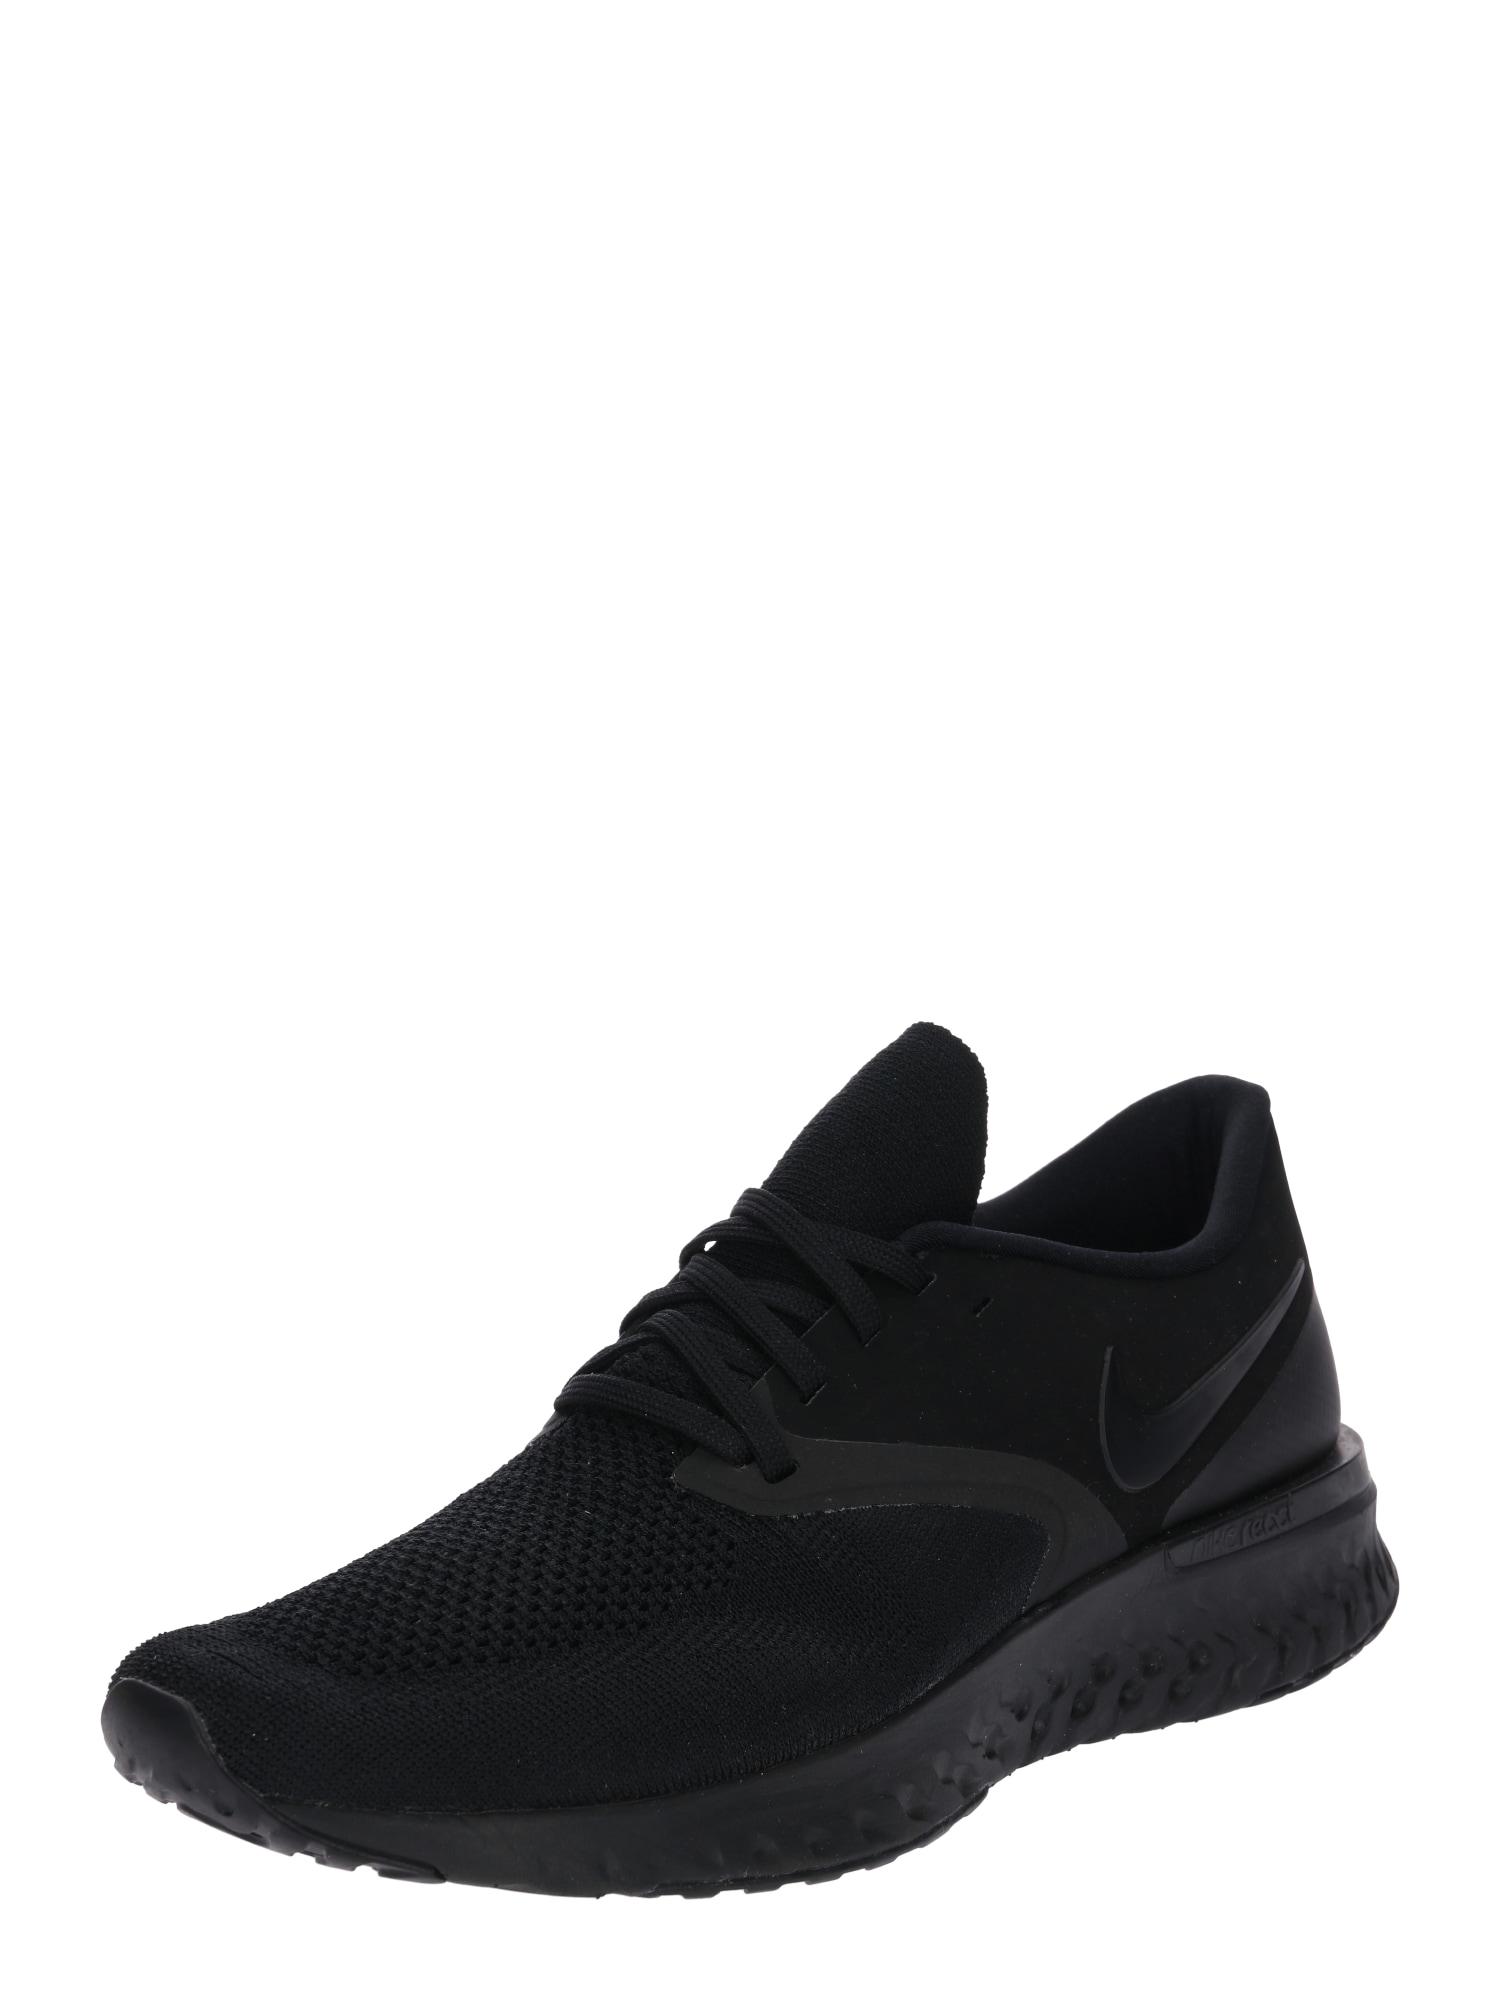 Běžecká obuv Nike Odyssey React Flyknit 2 černá NIKE